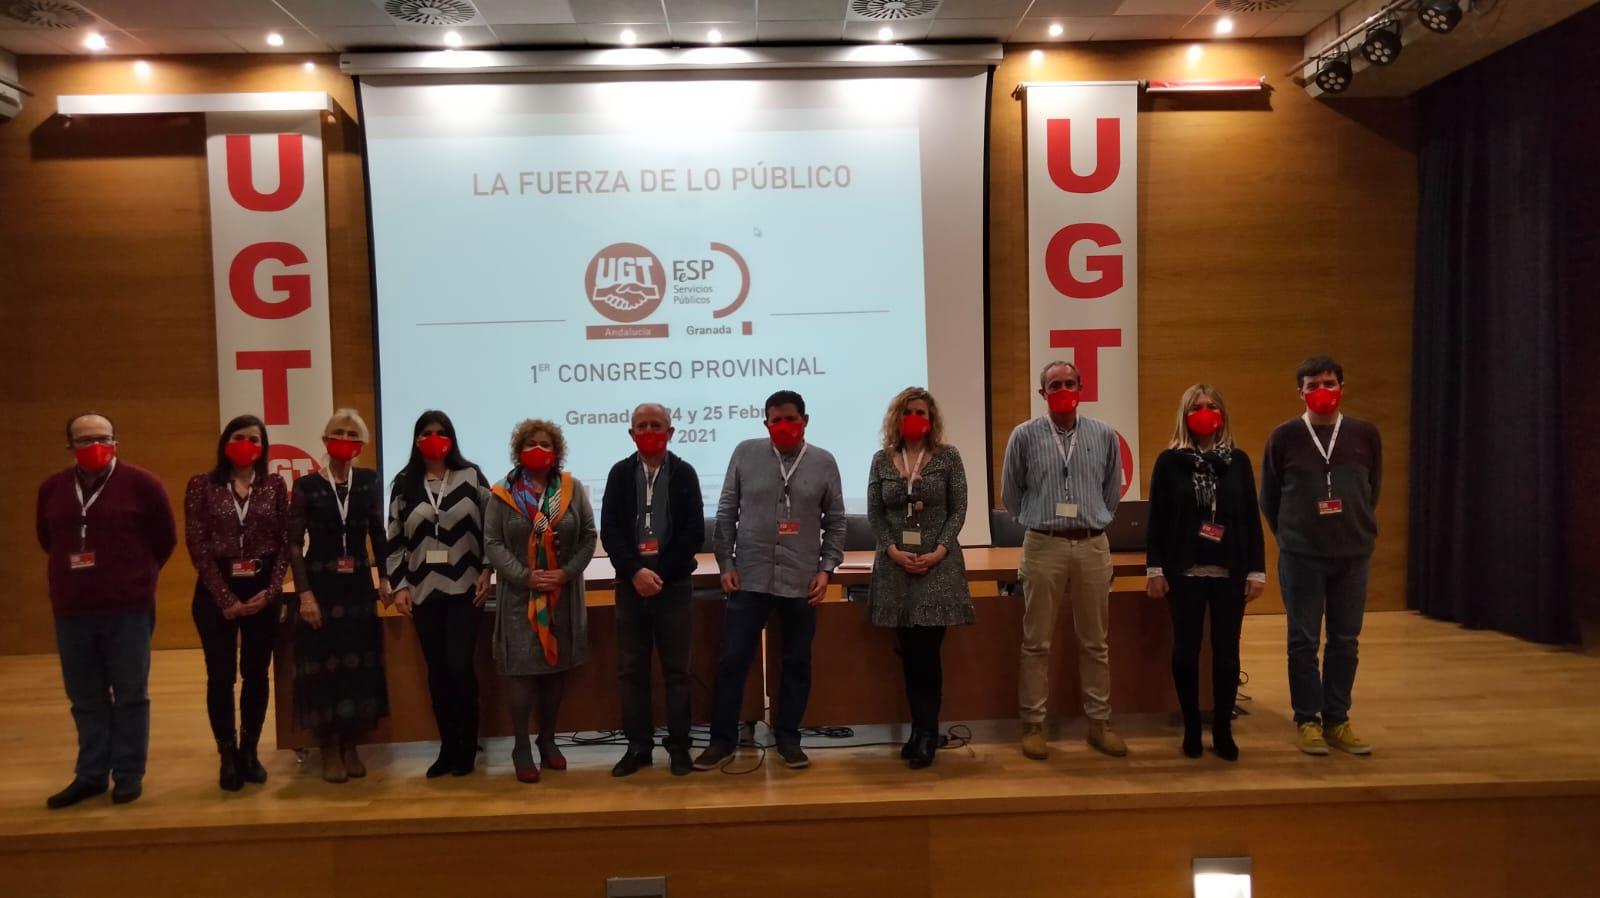 Luis Miguel Gutiérrez revalida su liderazgo al frente de los Servicios Públicos de UGT Granada